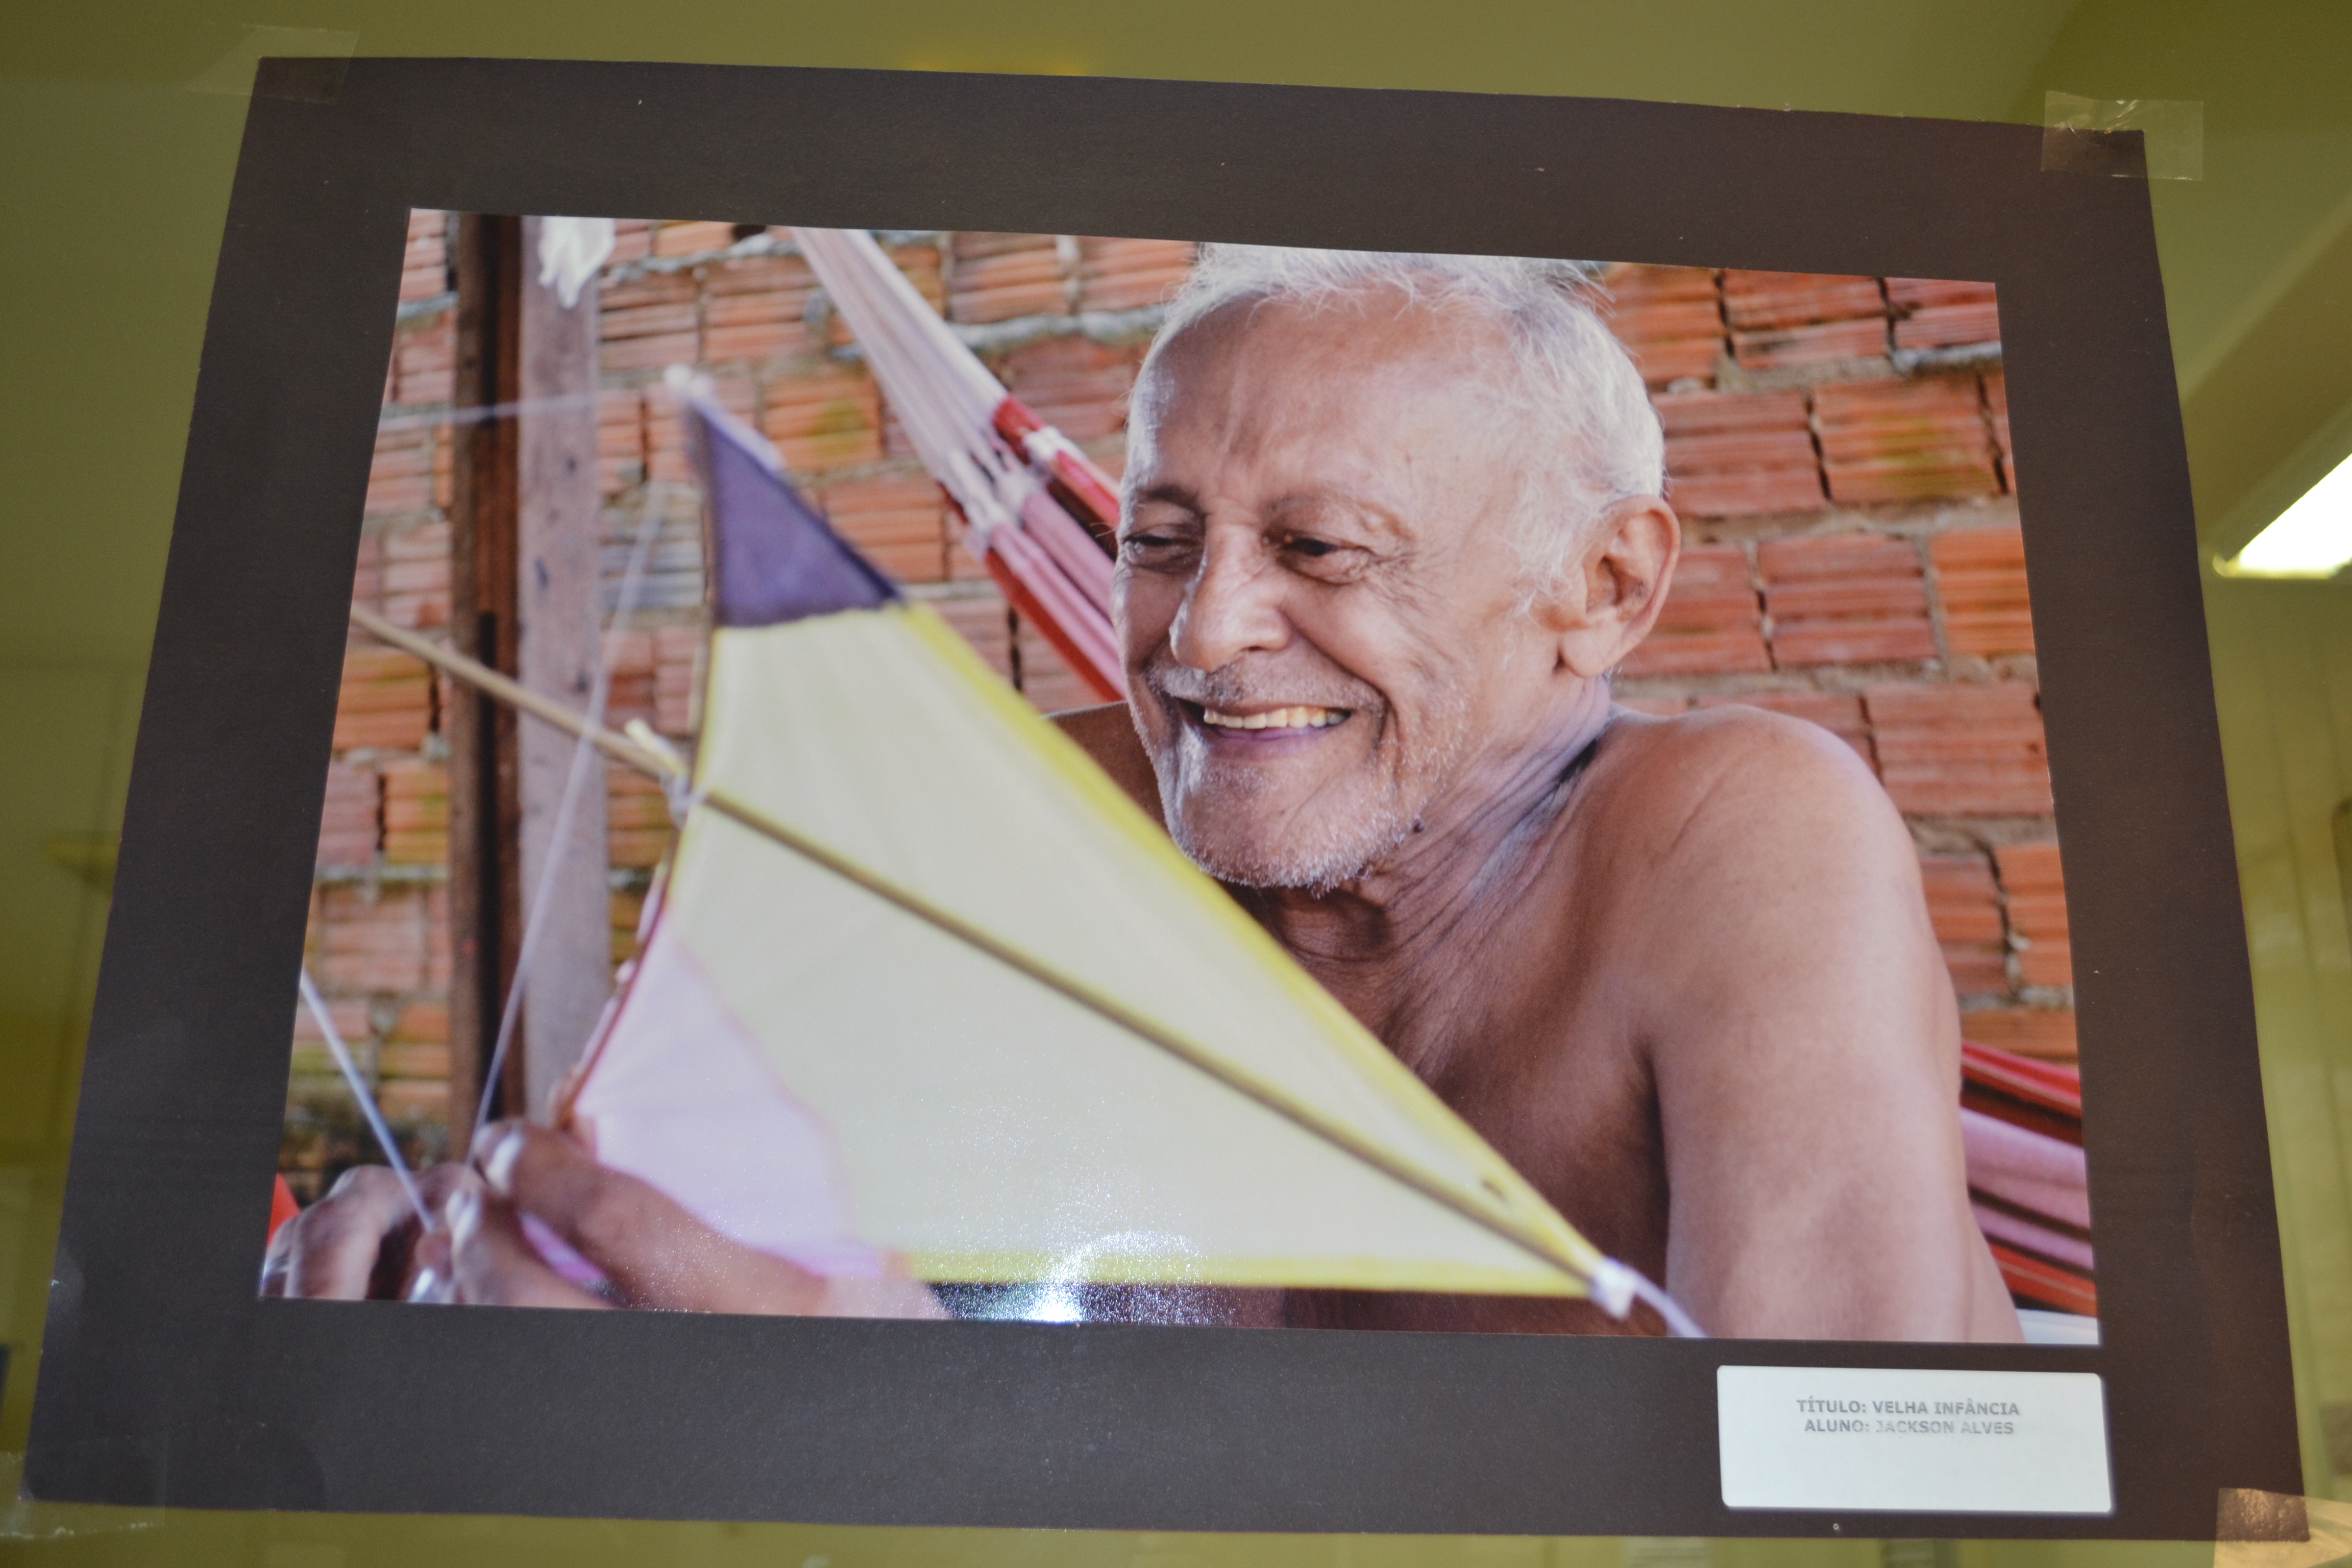 Idosos são tema de exposição fotográfica na Unifap